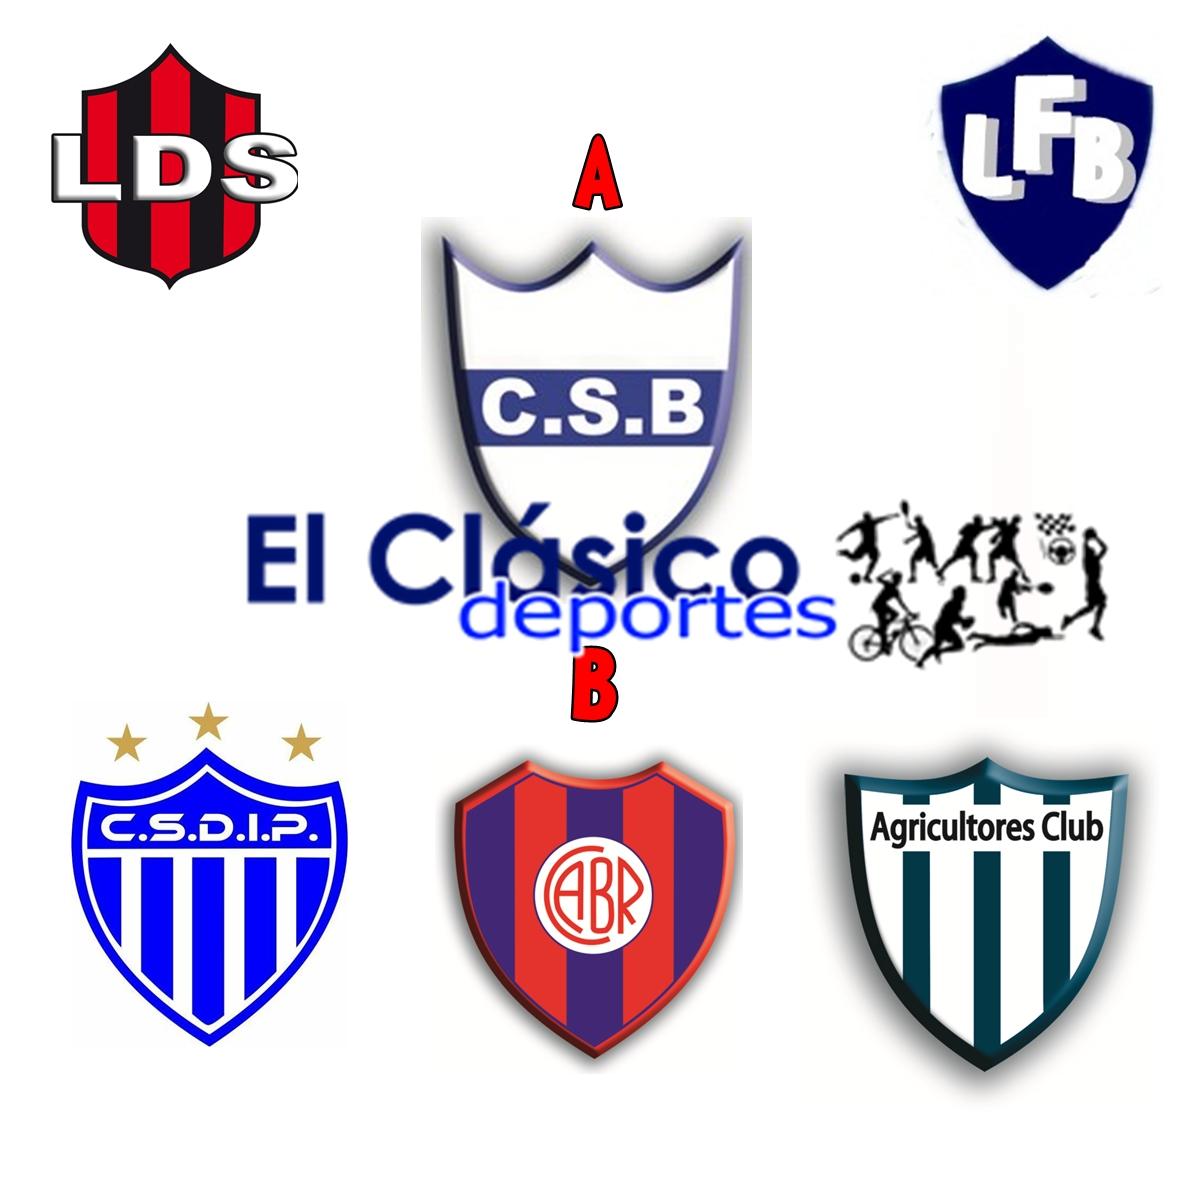 Las posiciones en todas las divisiones del fútbol local